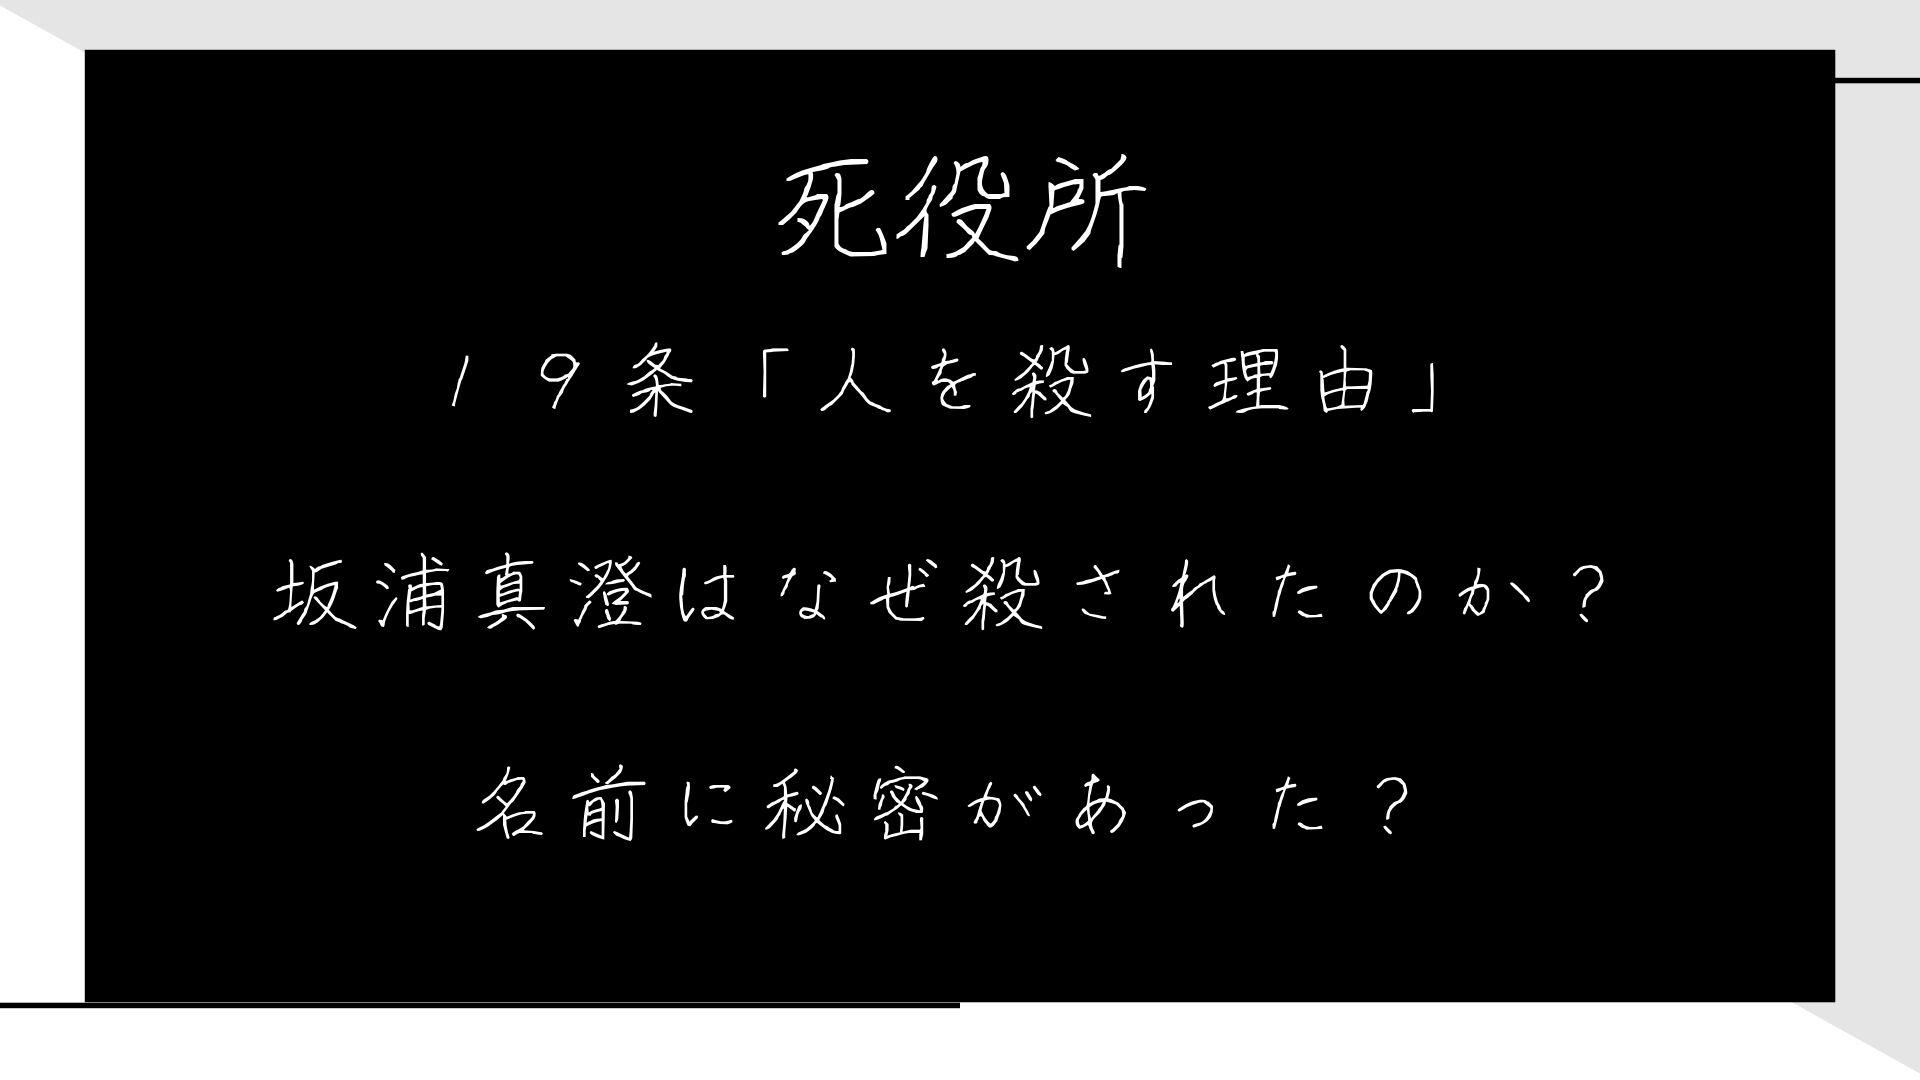 死役所19条「人を殺す理由」坂浦真澄はなぜ殺されたのか?名前に秘密があった?